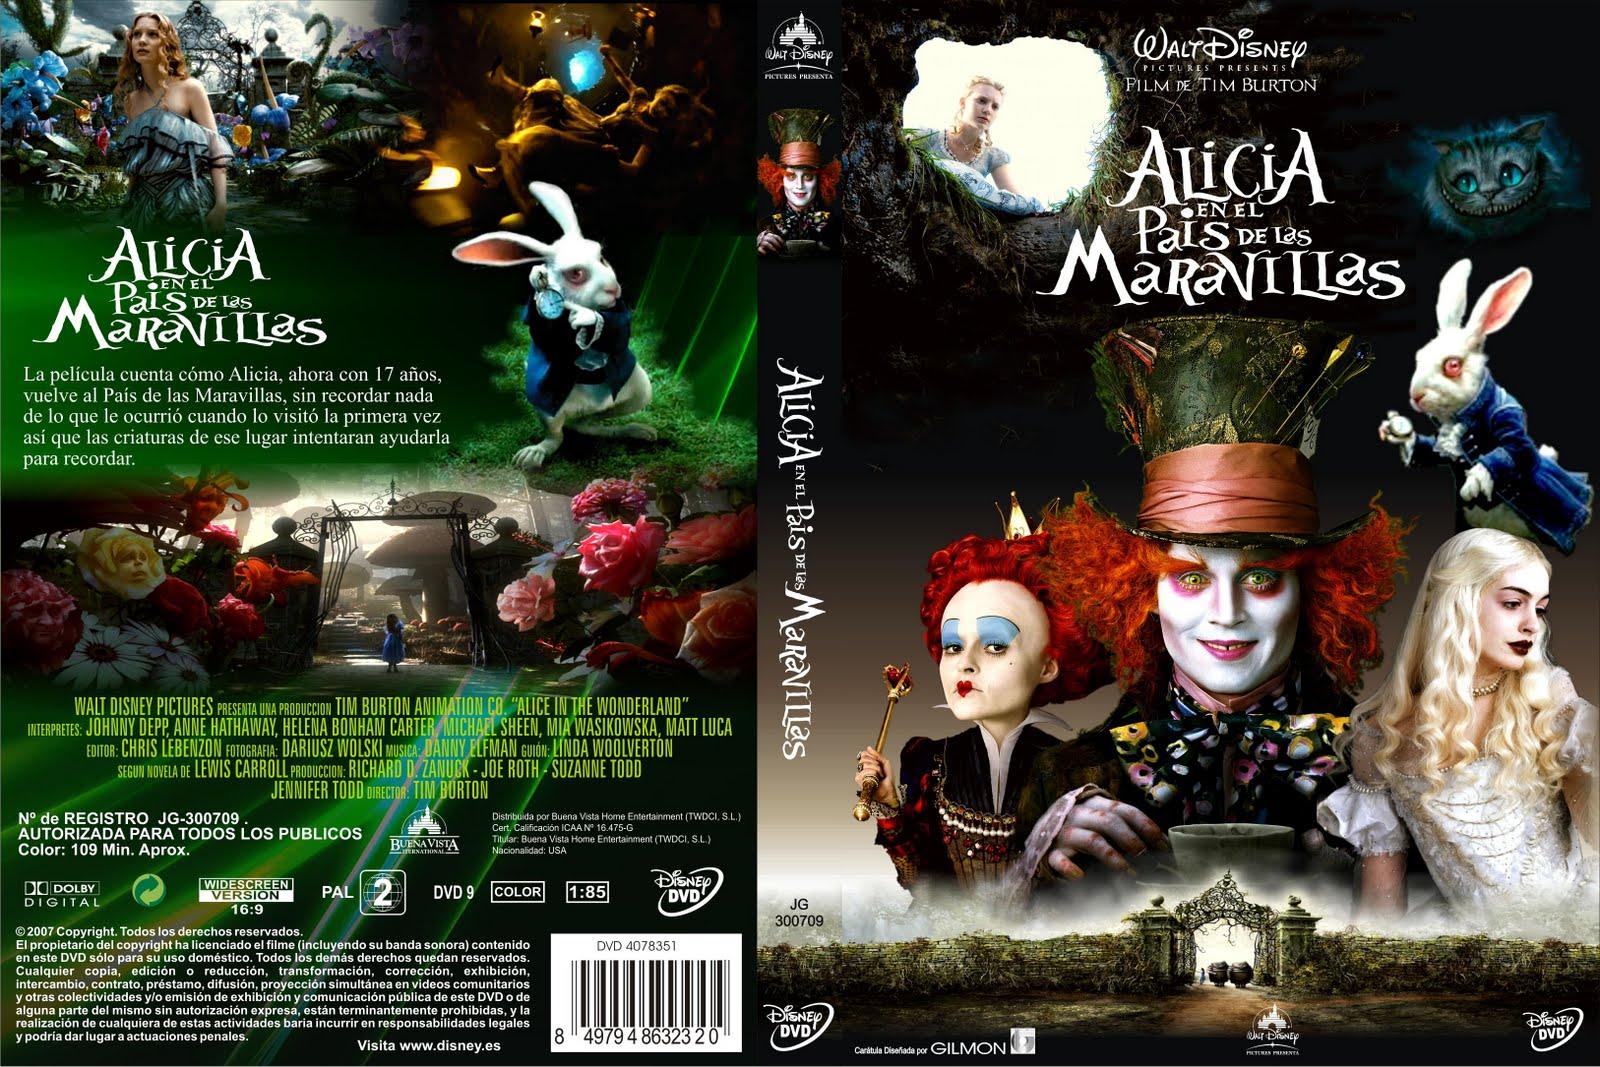 Estreno DVD: Septiembre 2010 | Películas, Estrenos, Trailers ...